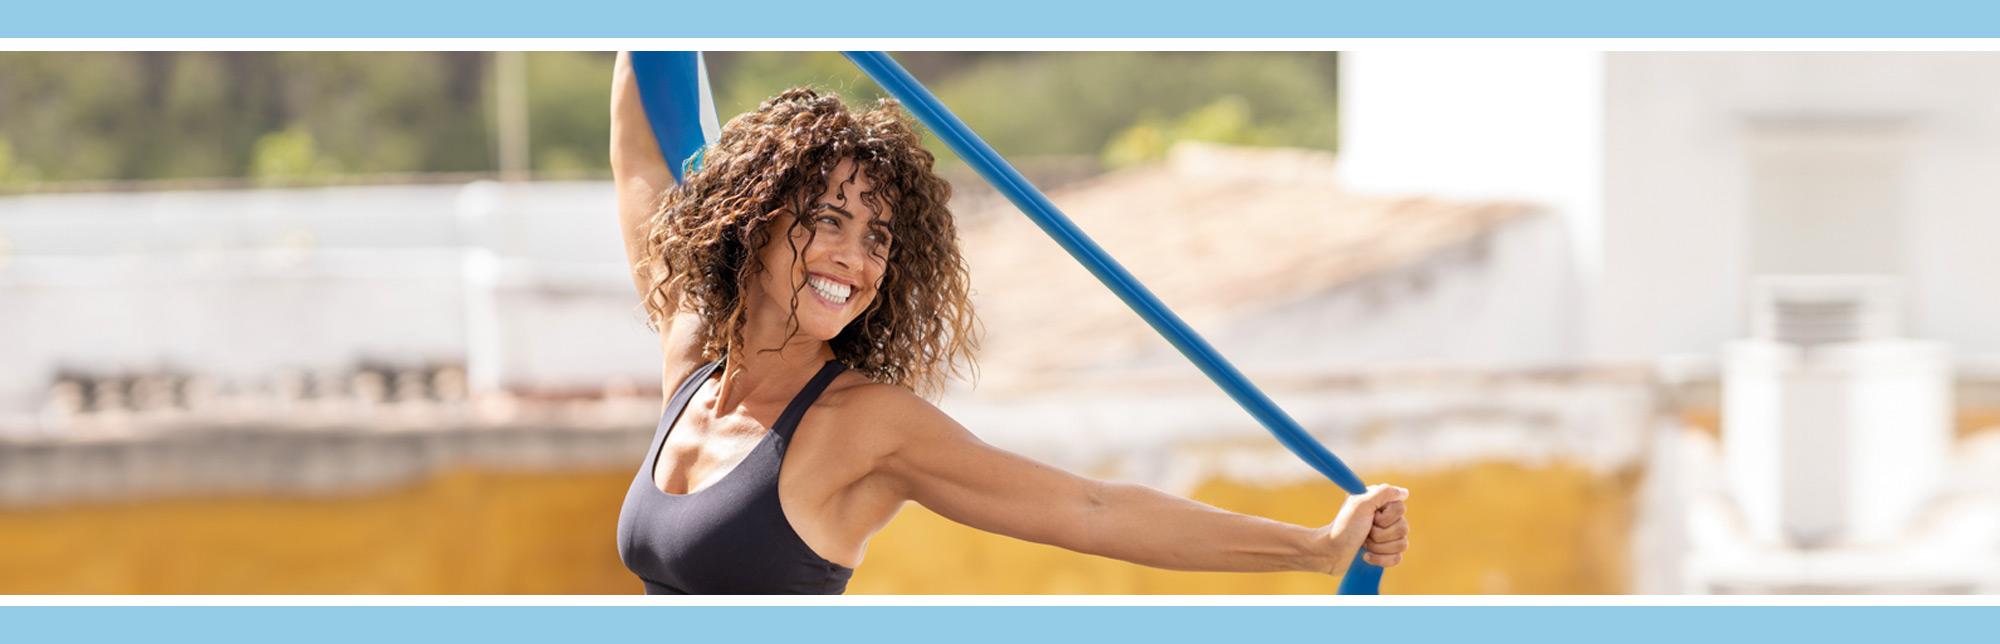 Imagen de chica haciendo ejercicios con banda elastica